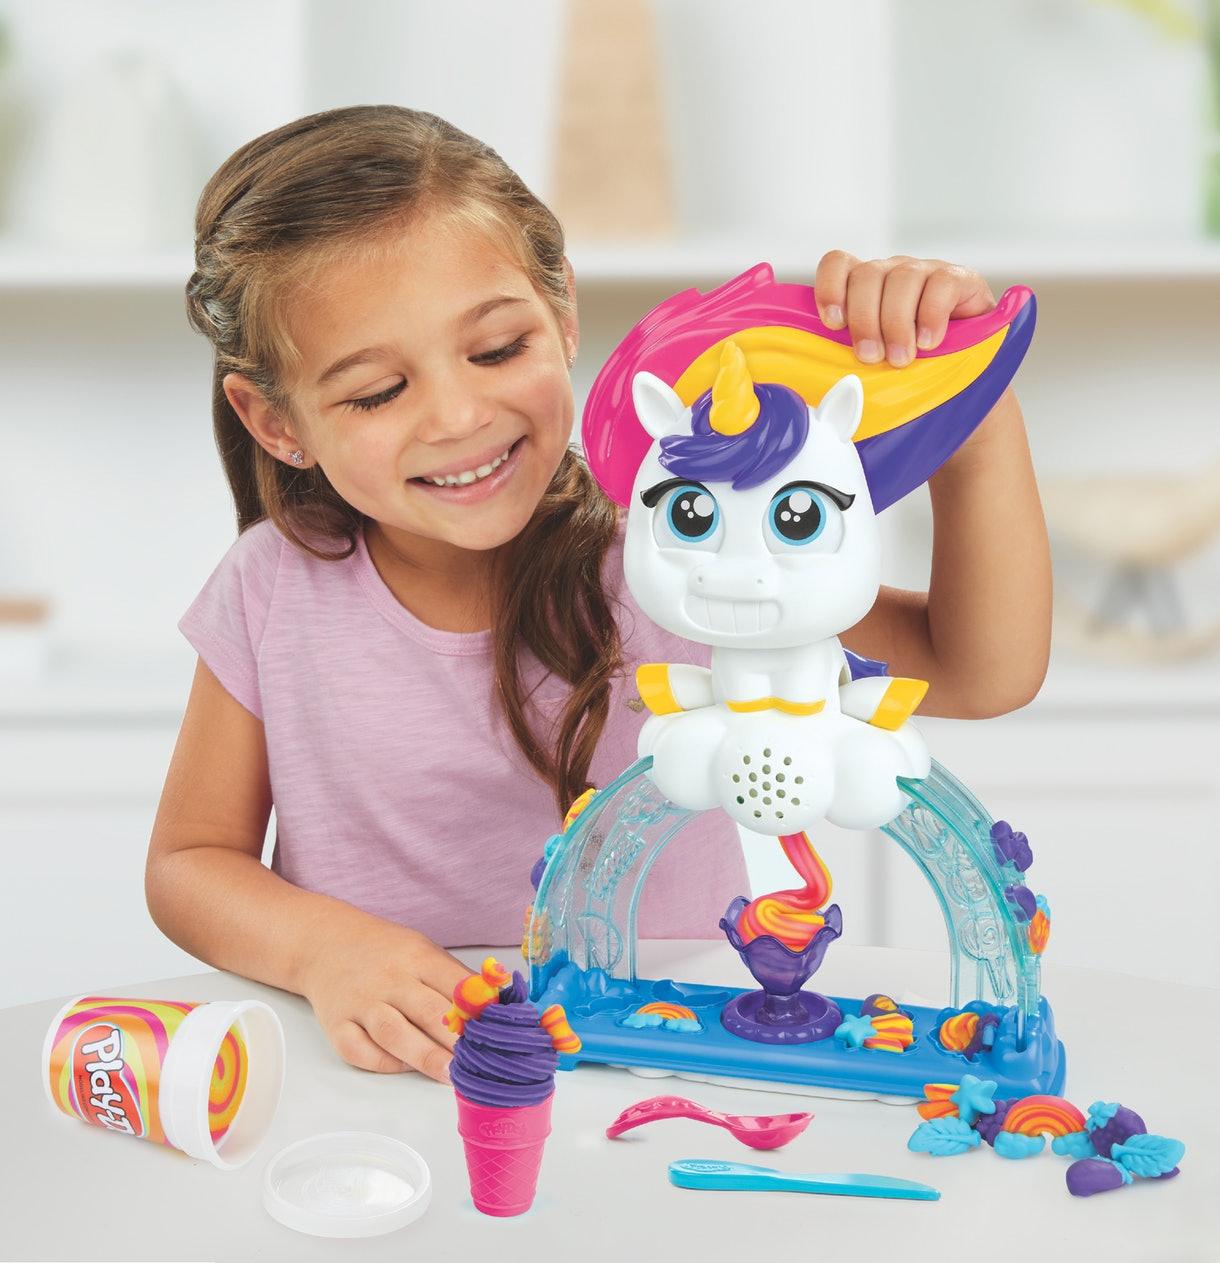 Tootie the unicorn